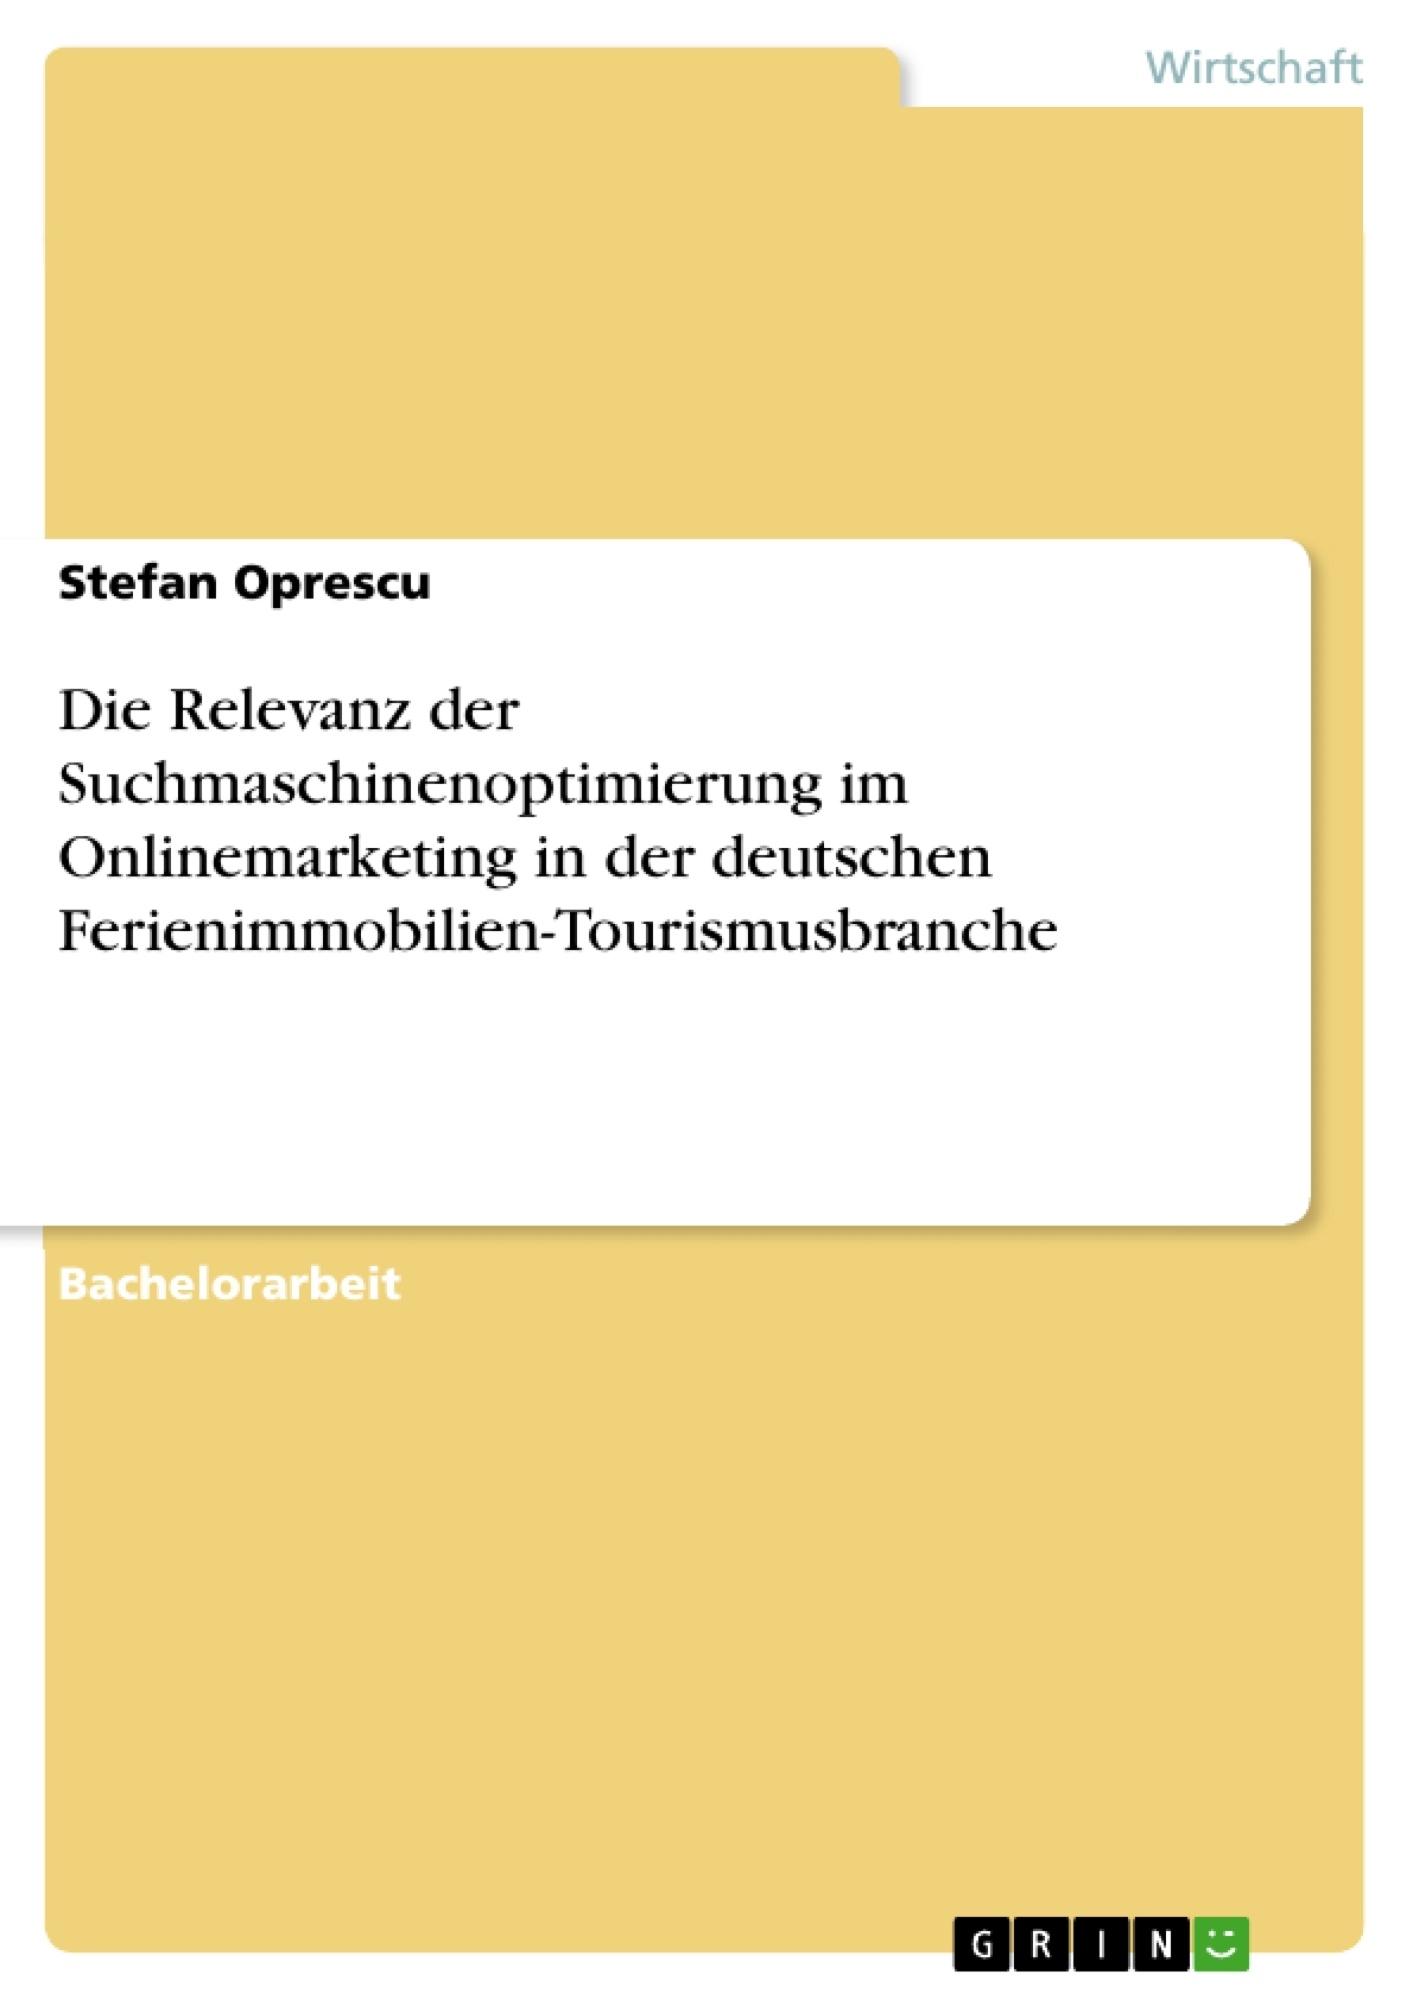 Titel: Die Relevanz der Suchmaschinenoptimierung im Onlinemarketing in der deutschen Ferienimmobilien-Tourismusbranche